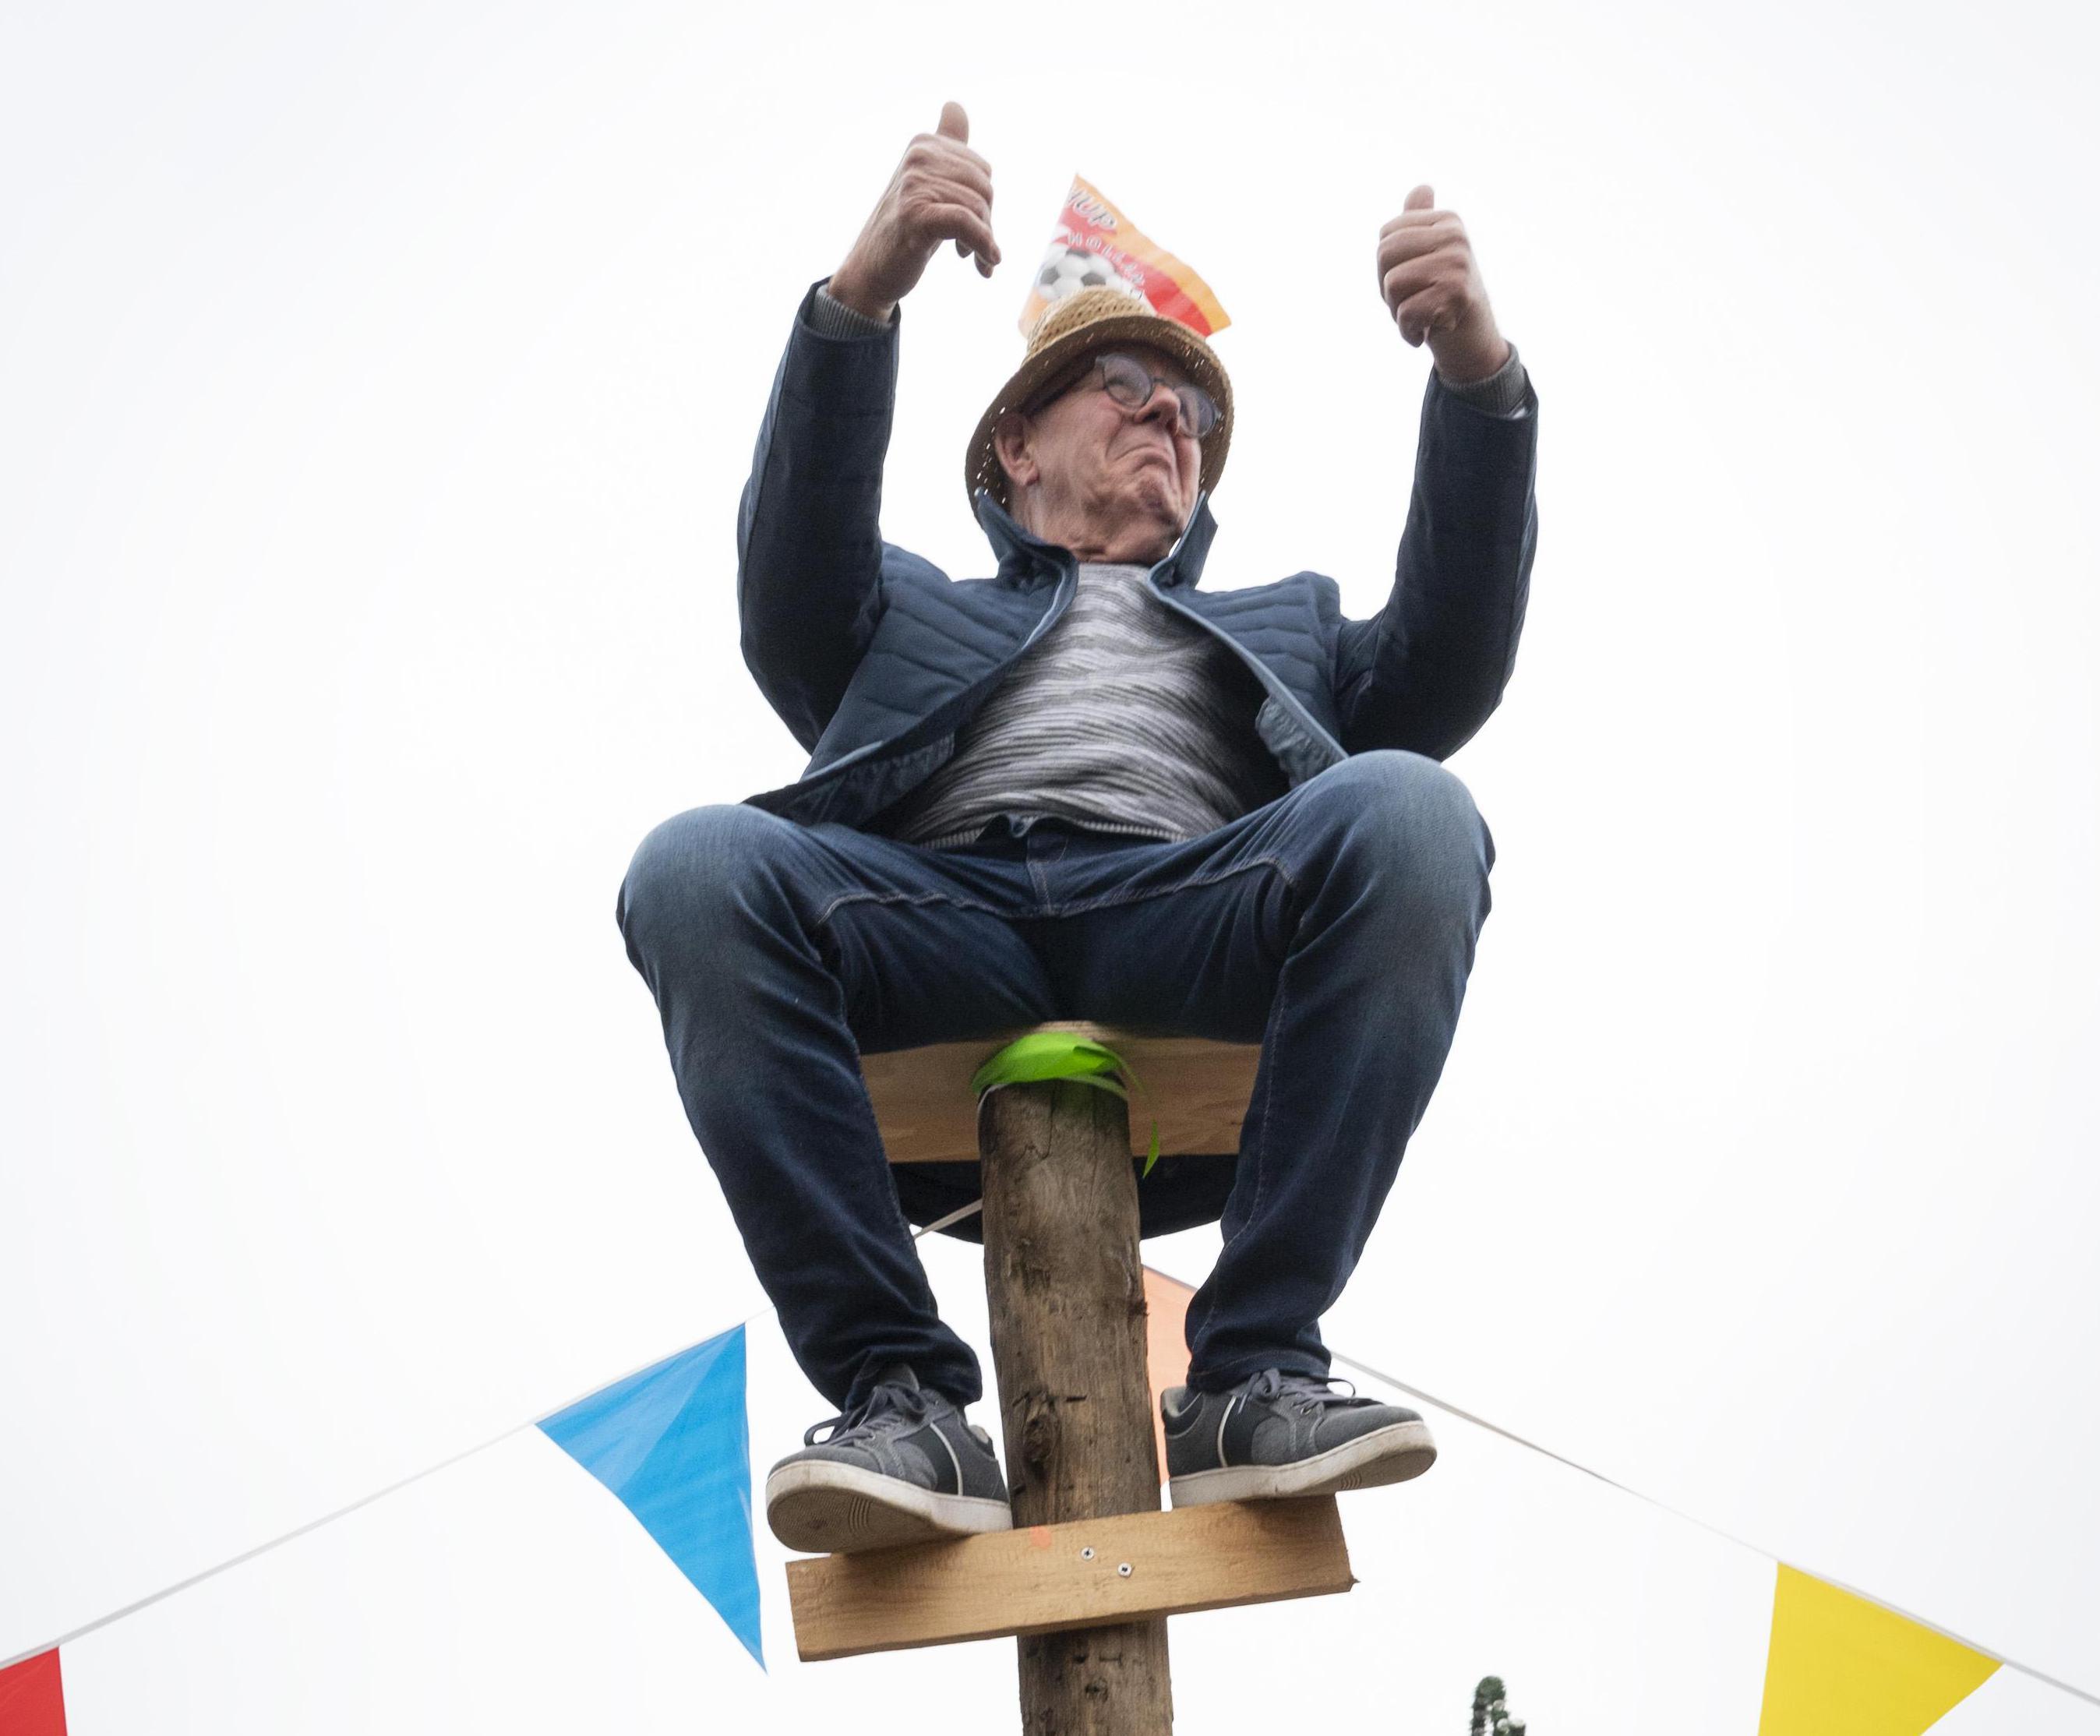 Voormalig wereldkampioen De Jong (75) zit weer even op paal: 'Het hout was zachter dan toen'